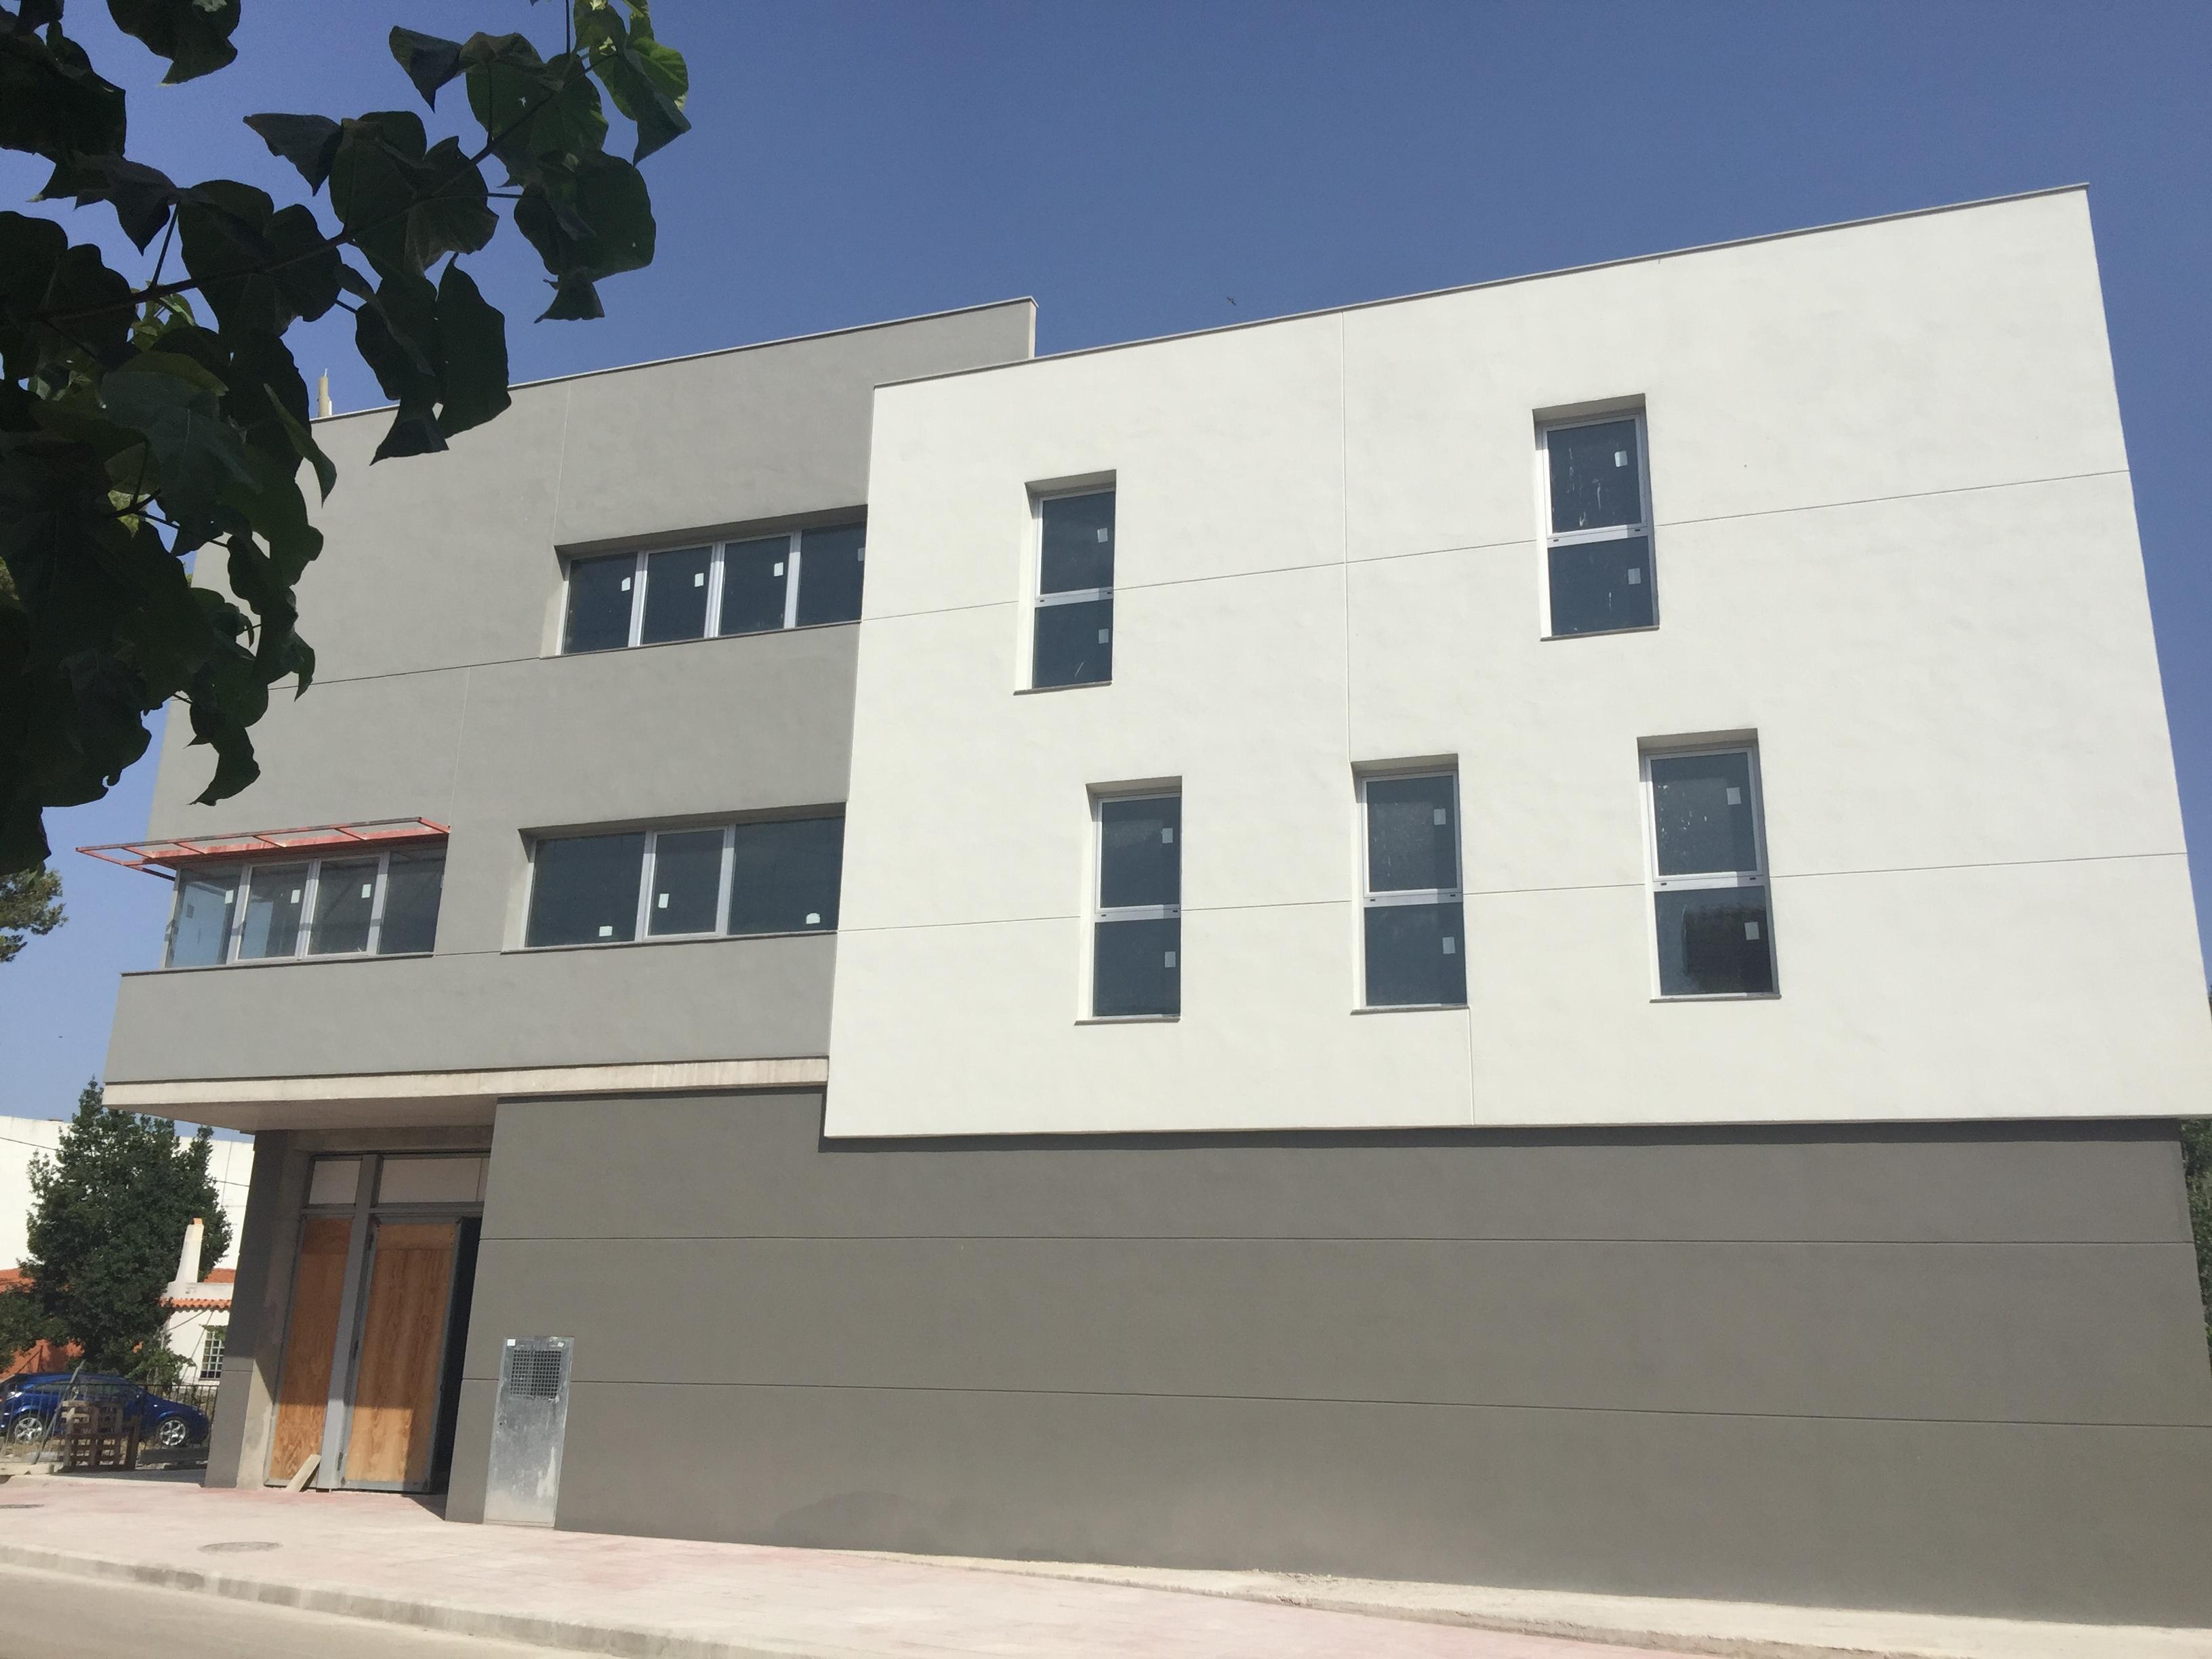 Santa Magdalena l'ajuntament aprova el plec de condicions per construir l'auditori municipal